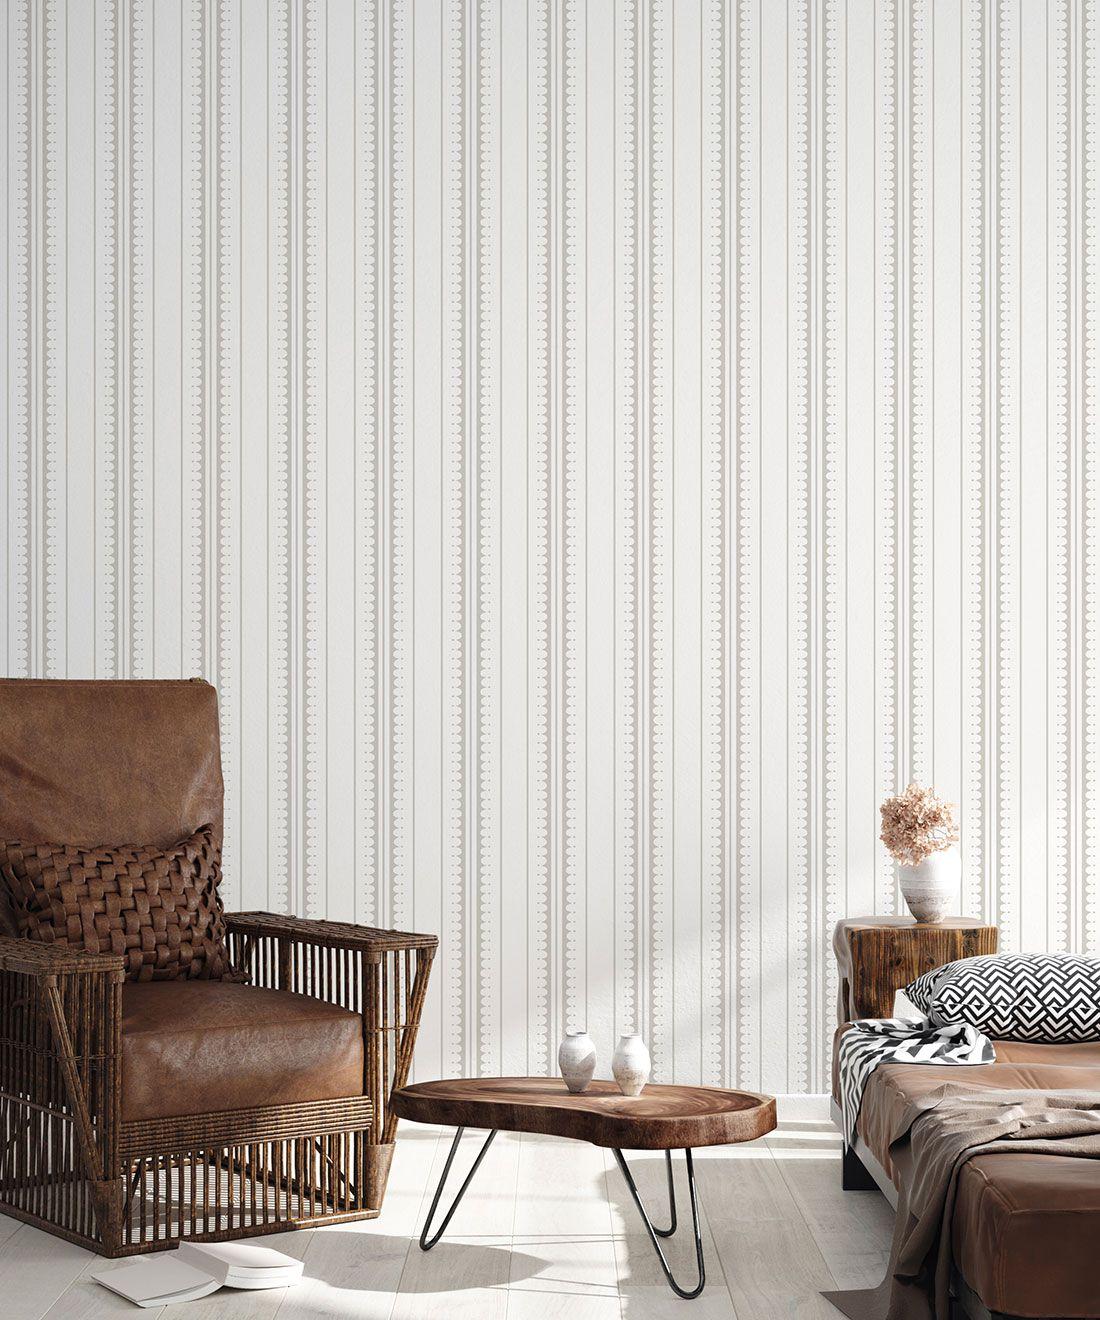 Coquille Wallpaper • Stripe and Scallop Wallpaper • Beige • Insitu